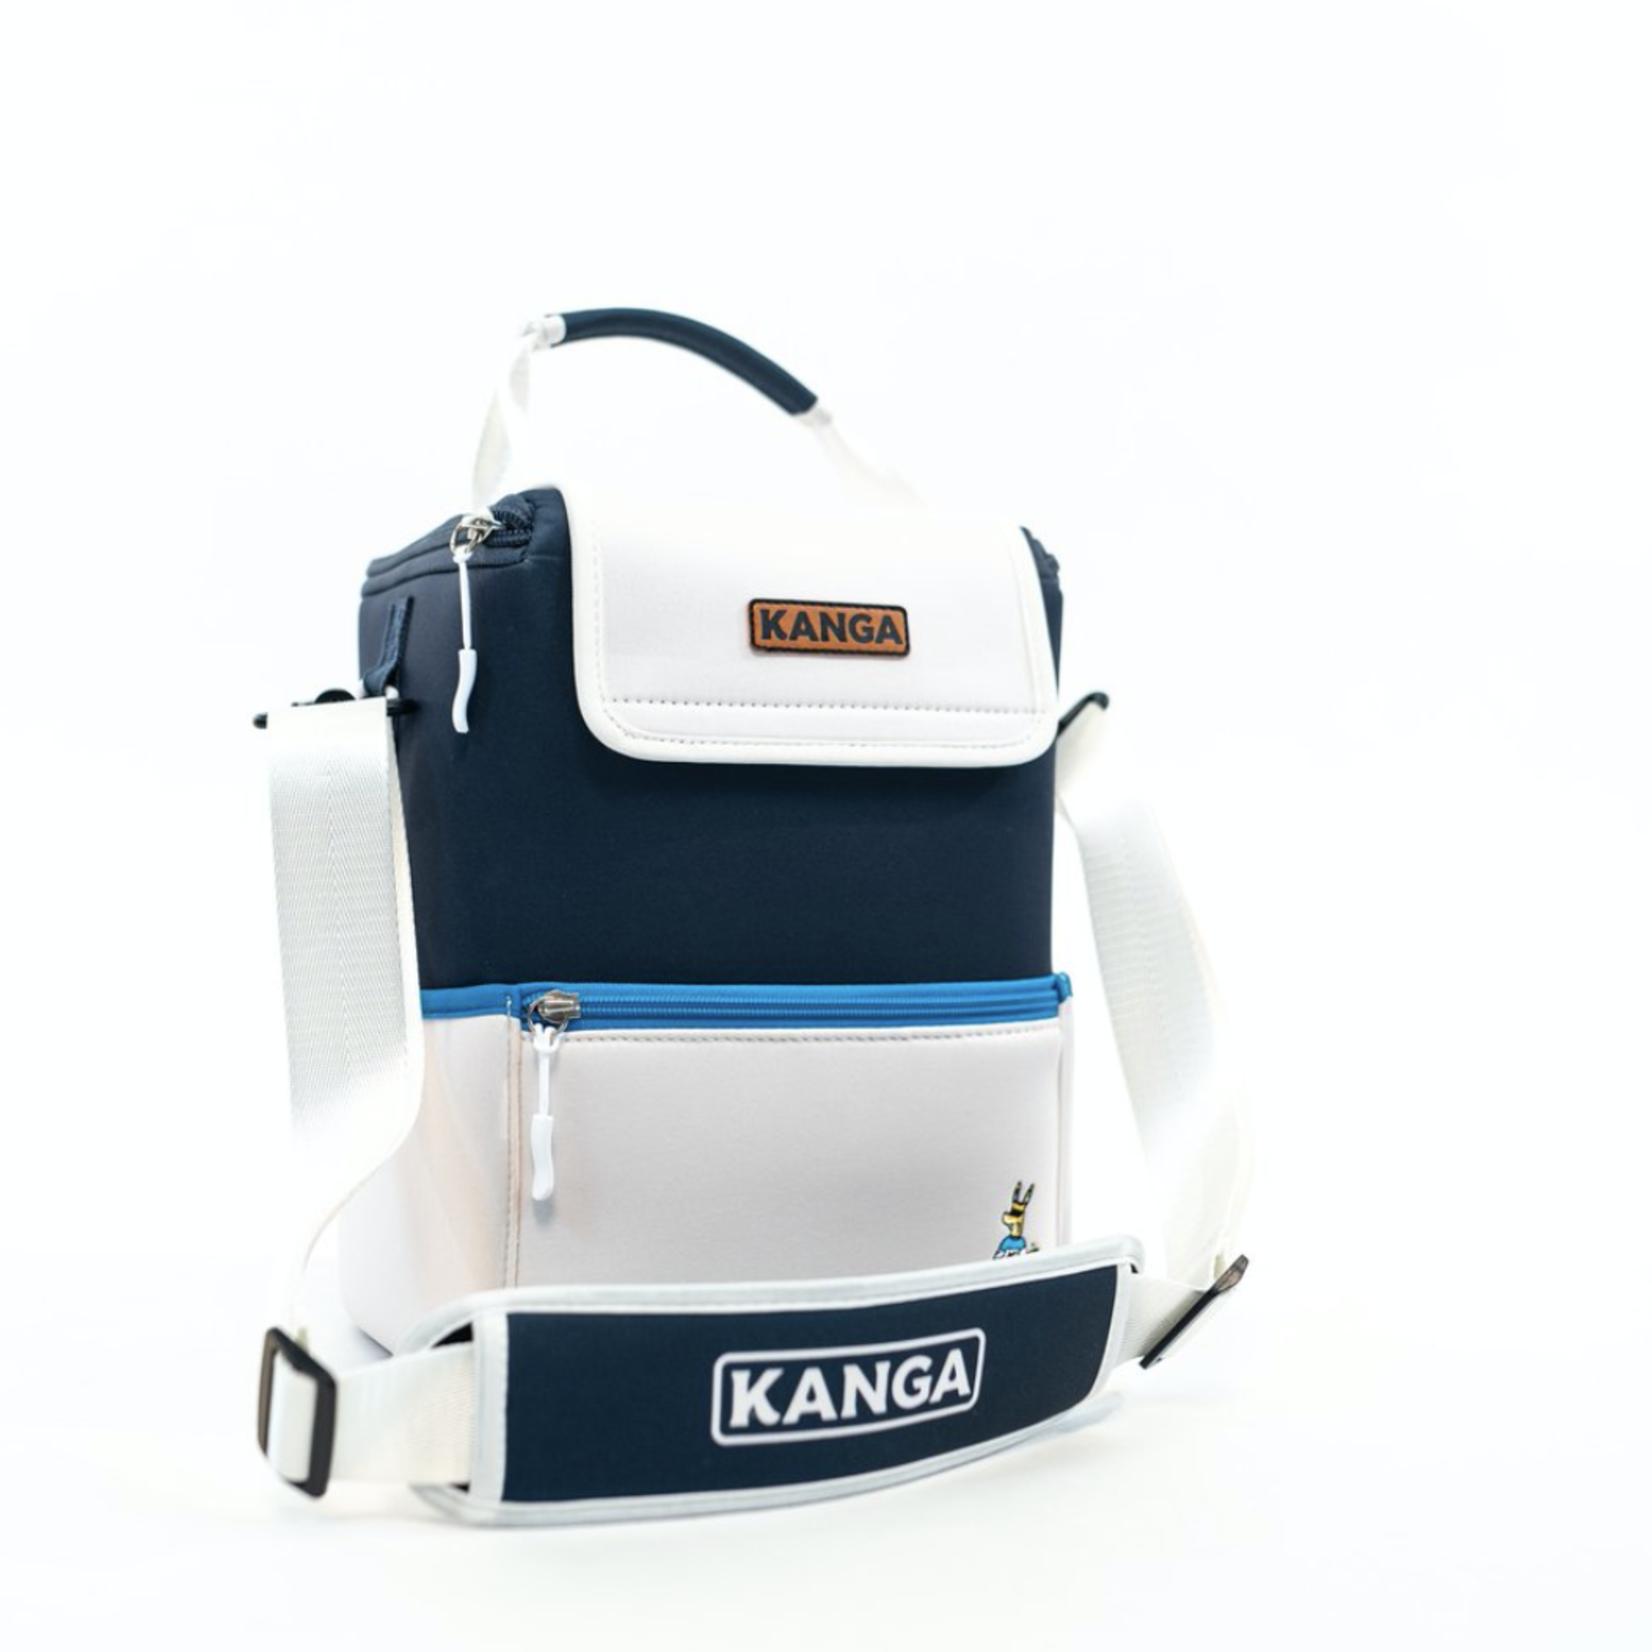 Kanga The Pouch Malibu